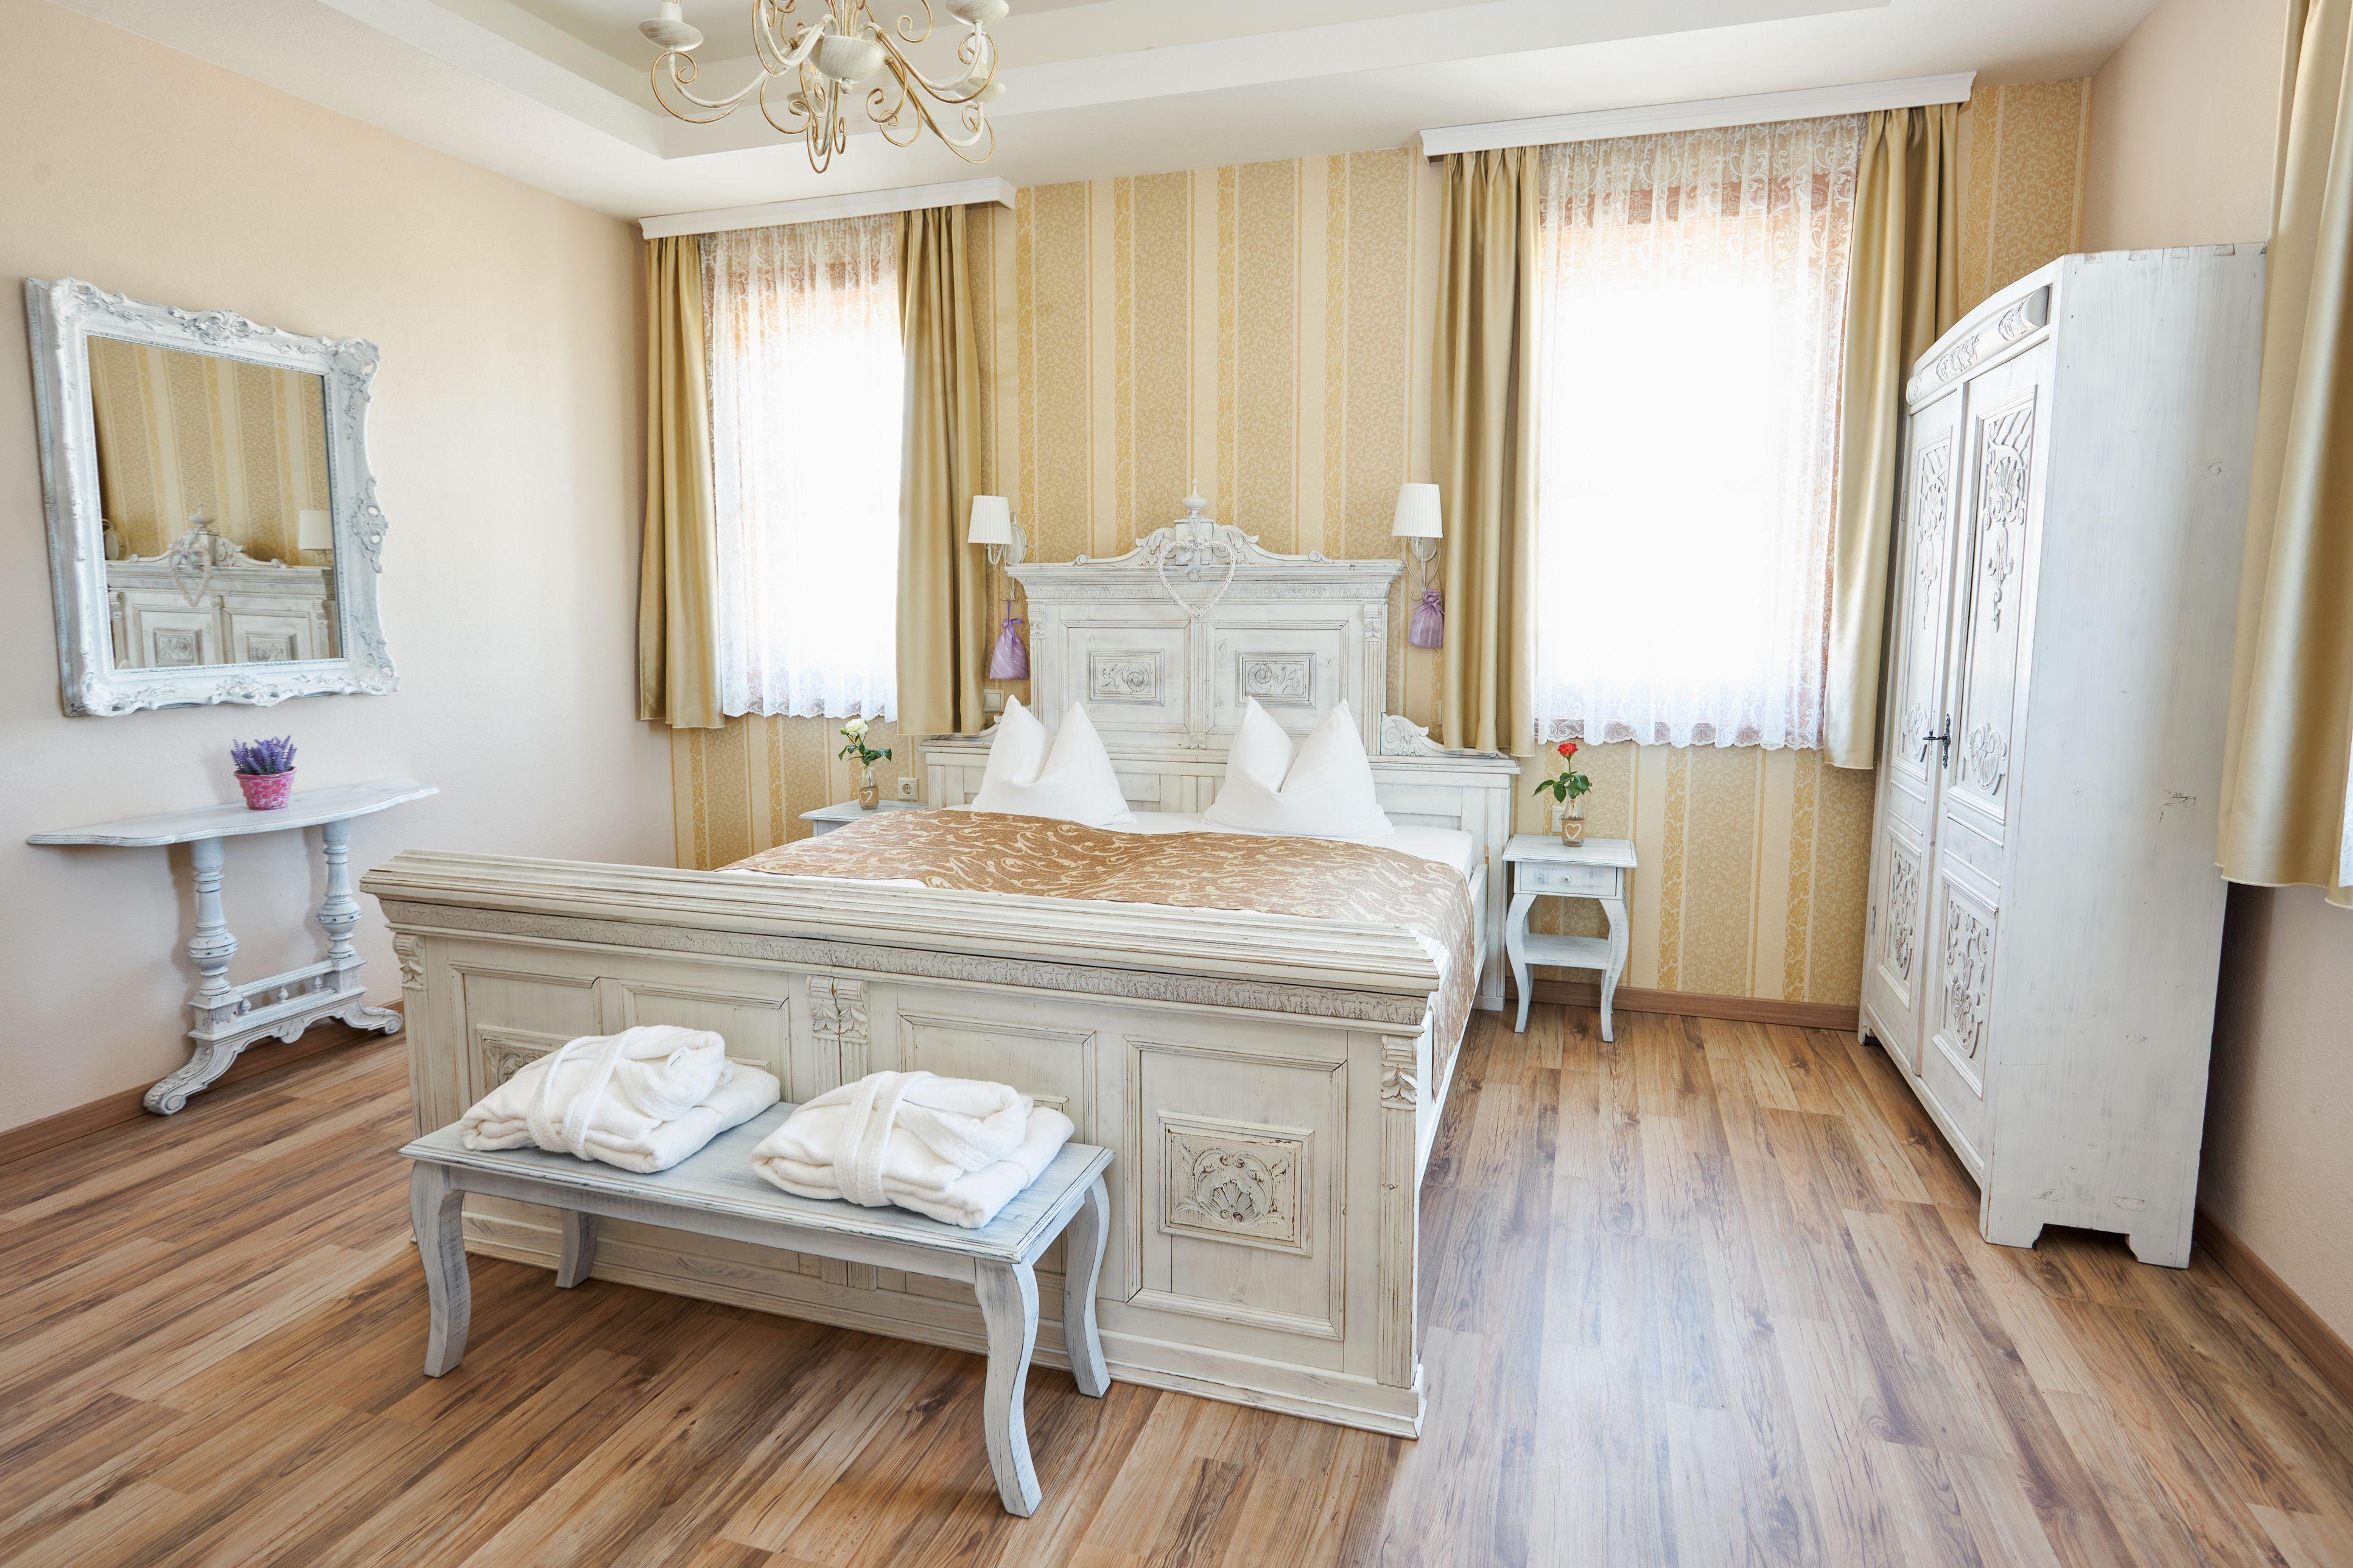 11 Fabulous Mohawk Hardwood Floor Cleaner 2021 free download mohawk hardwood floor cleaner of how does luxury vinyl flooring differ from standard vinyl within hotel room 840458542 5aefb33e3de42300389ed58d